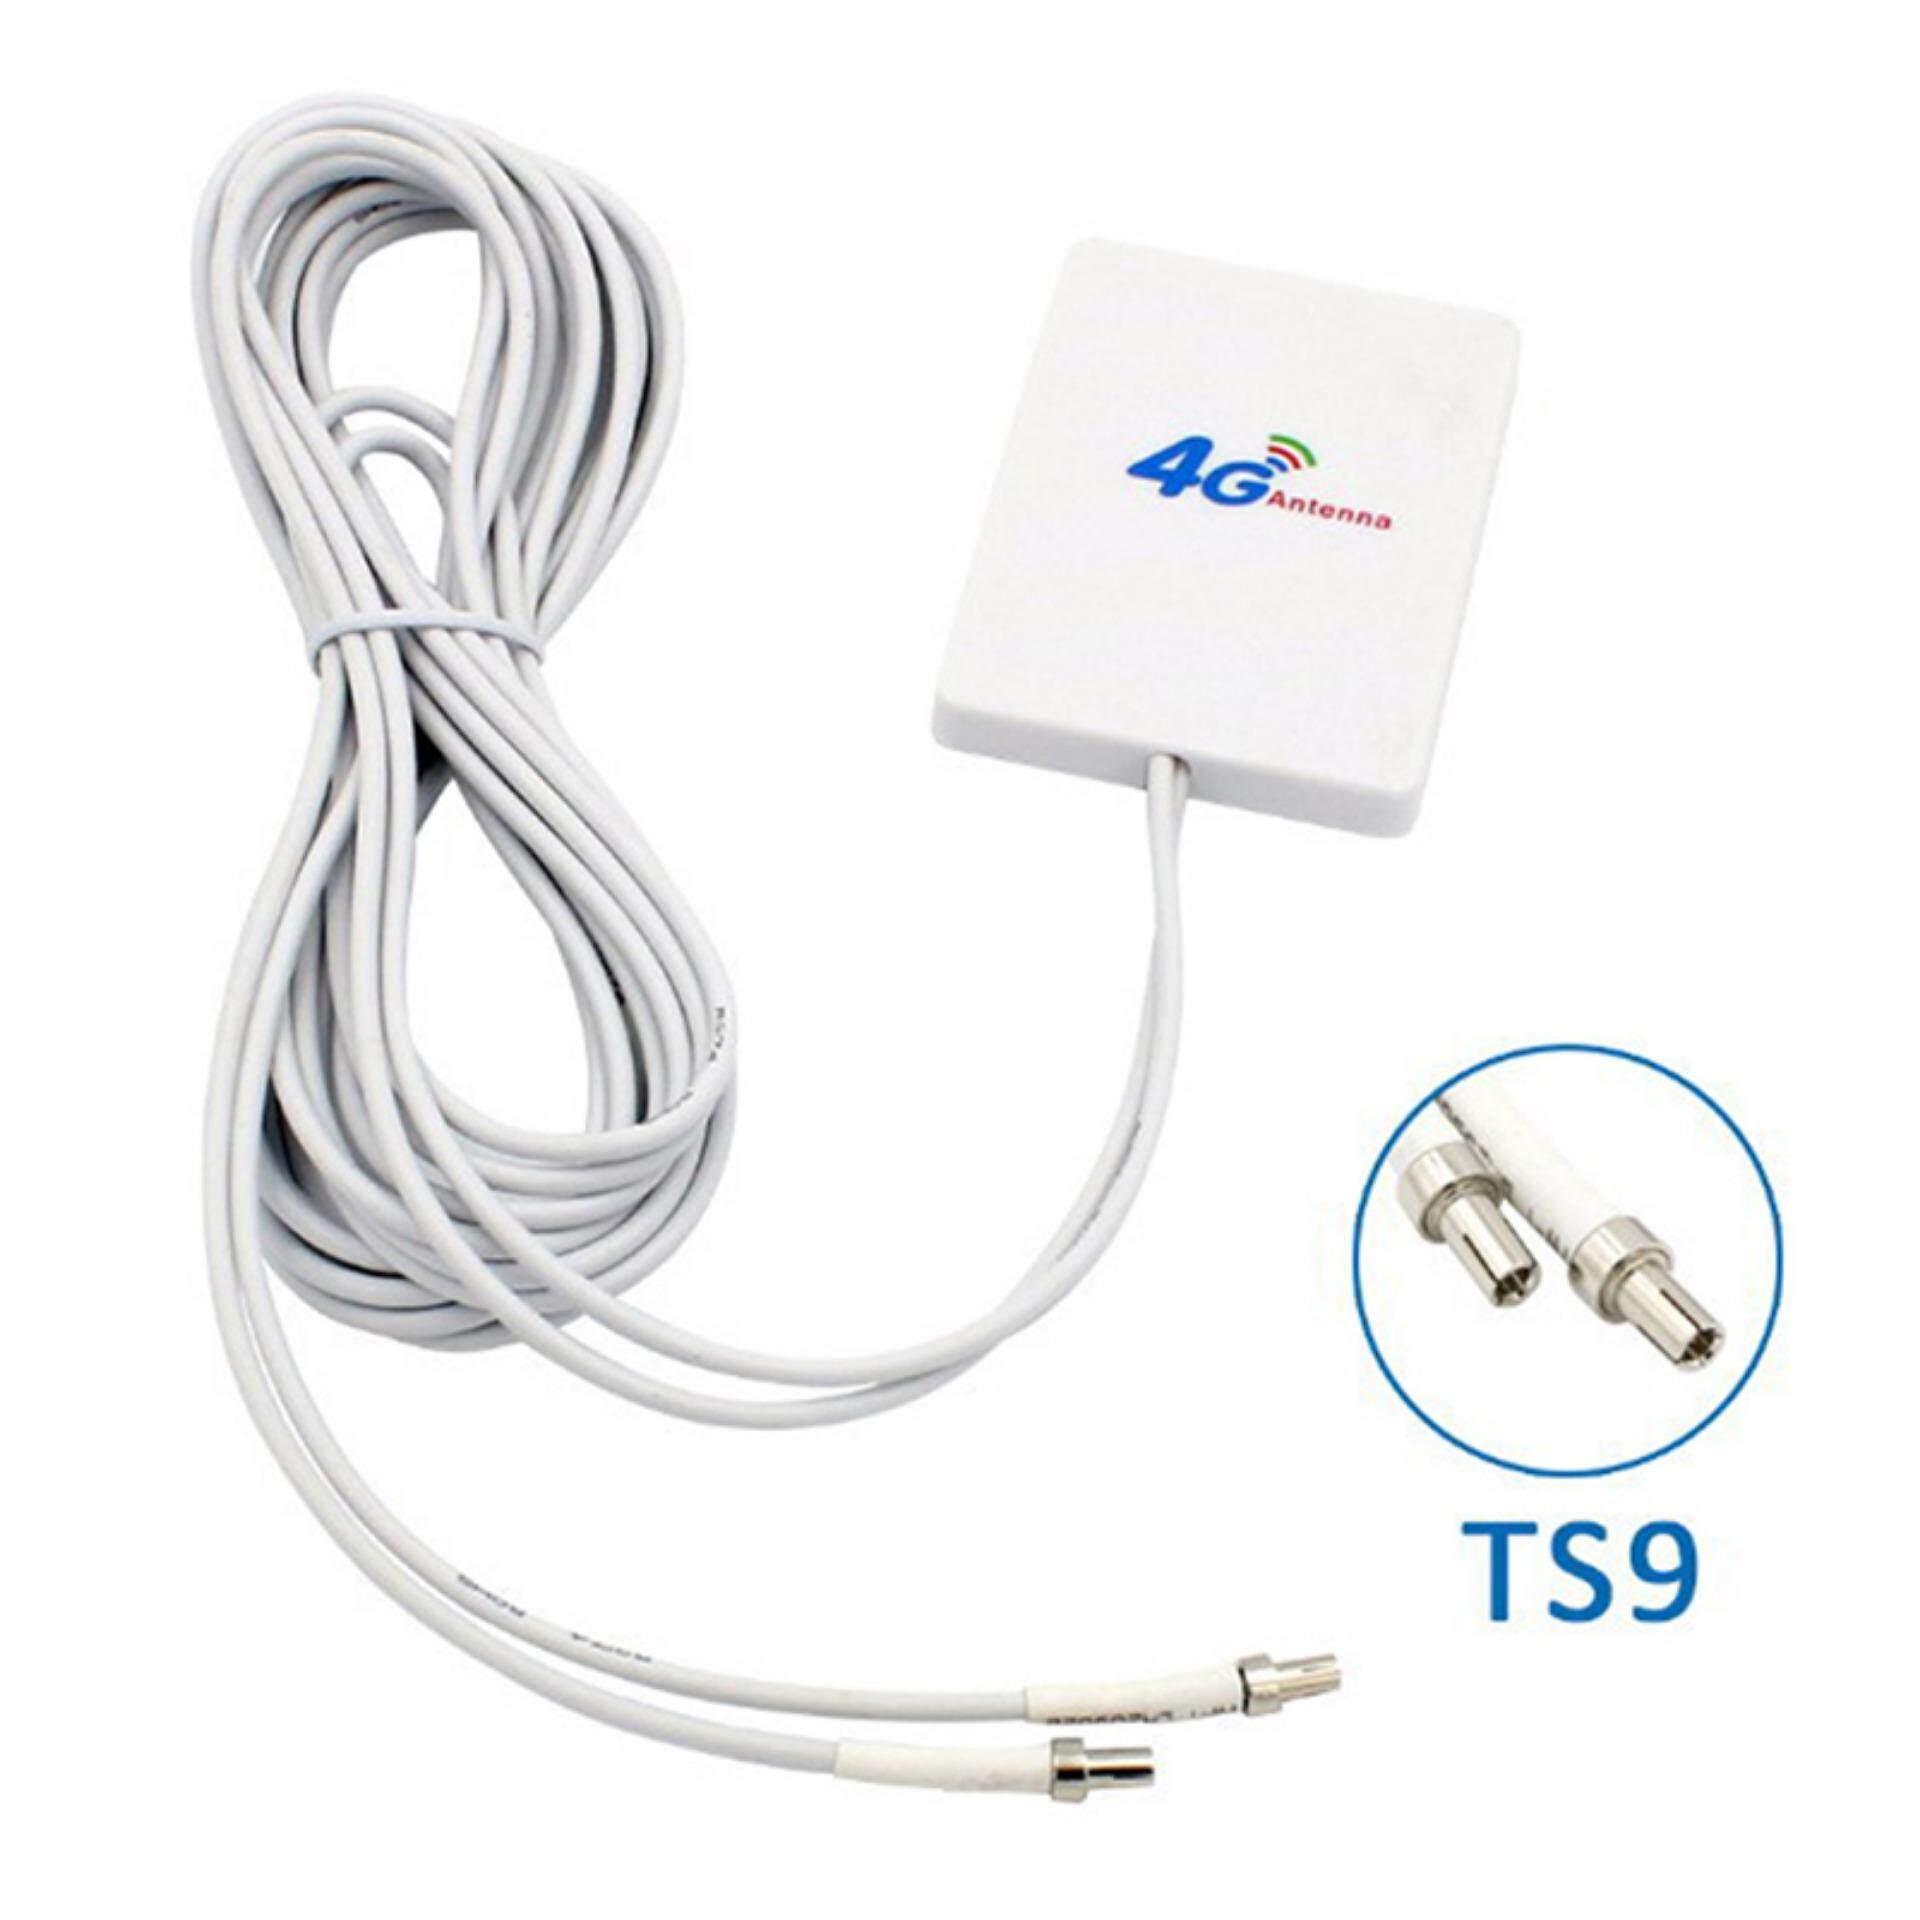 4G LTE SMA Đực Anten Bảng Điều Khiển Mạng Tăng Cường Tín Hiệu cho Router BI577 MỚI Cổng Kết Nối: SMA Hoa Trung Tâm Thương Mại